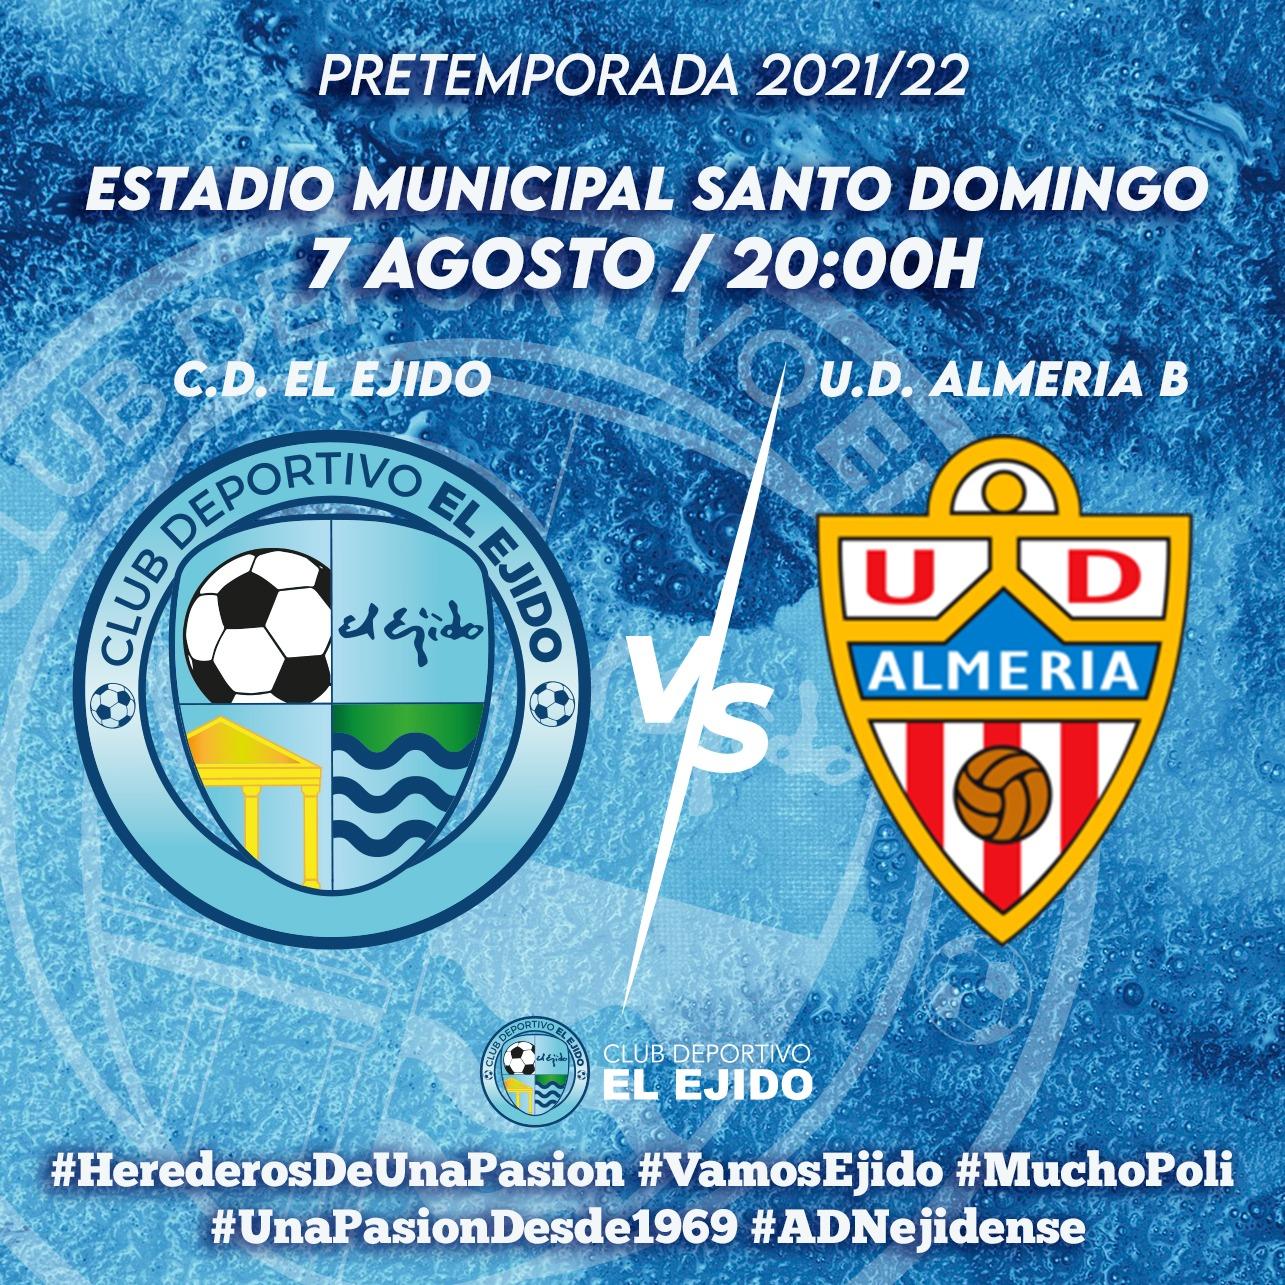 El CD El Ejido recibe este sábado a la UD Almería B en casa